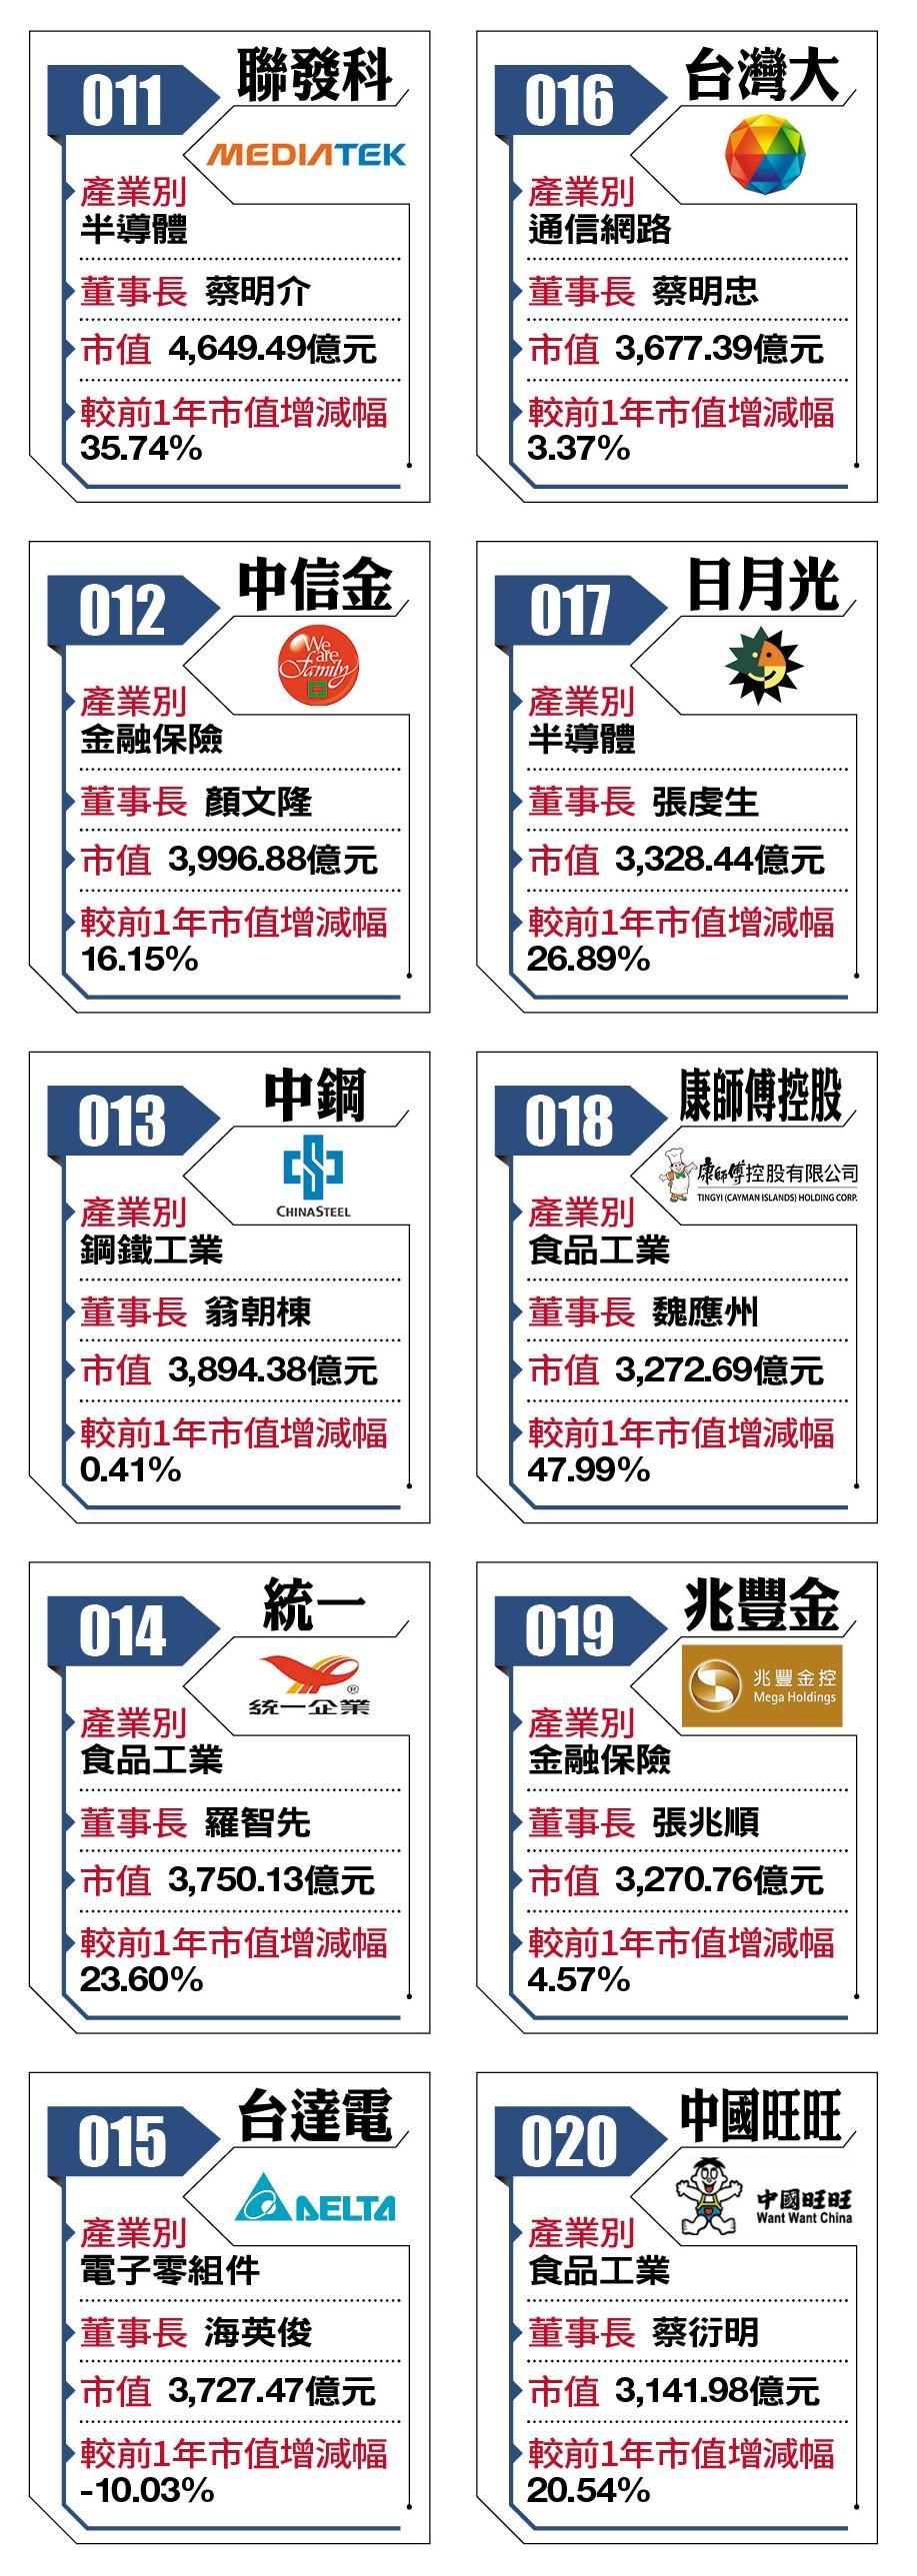 2018台灣百強企業11-20